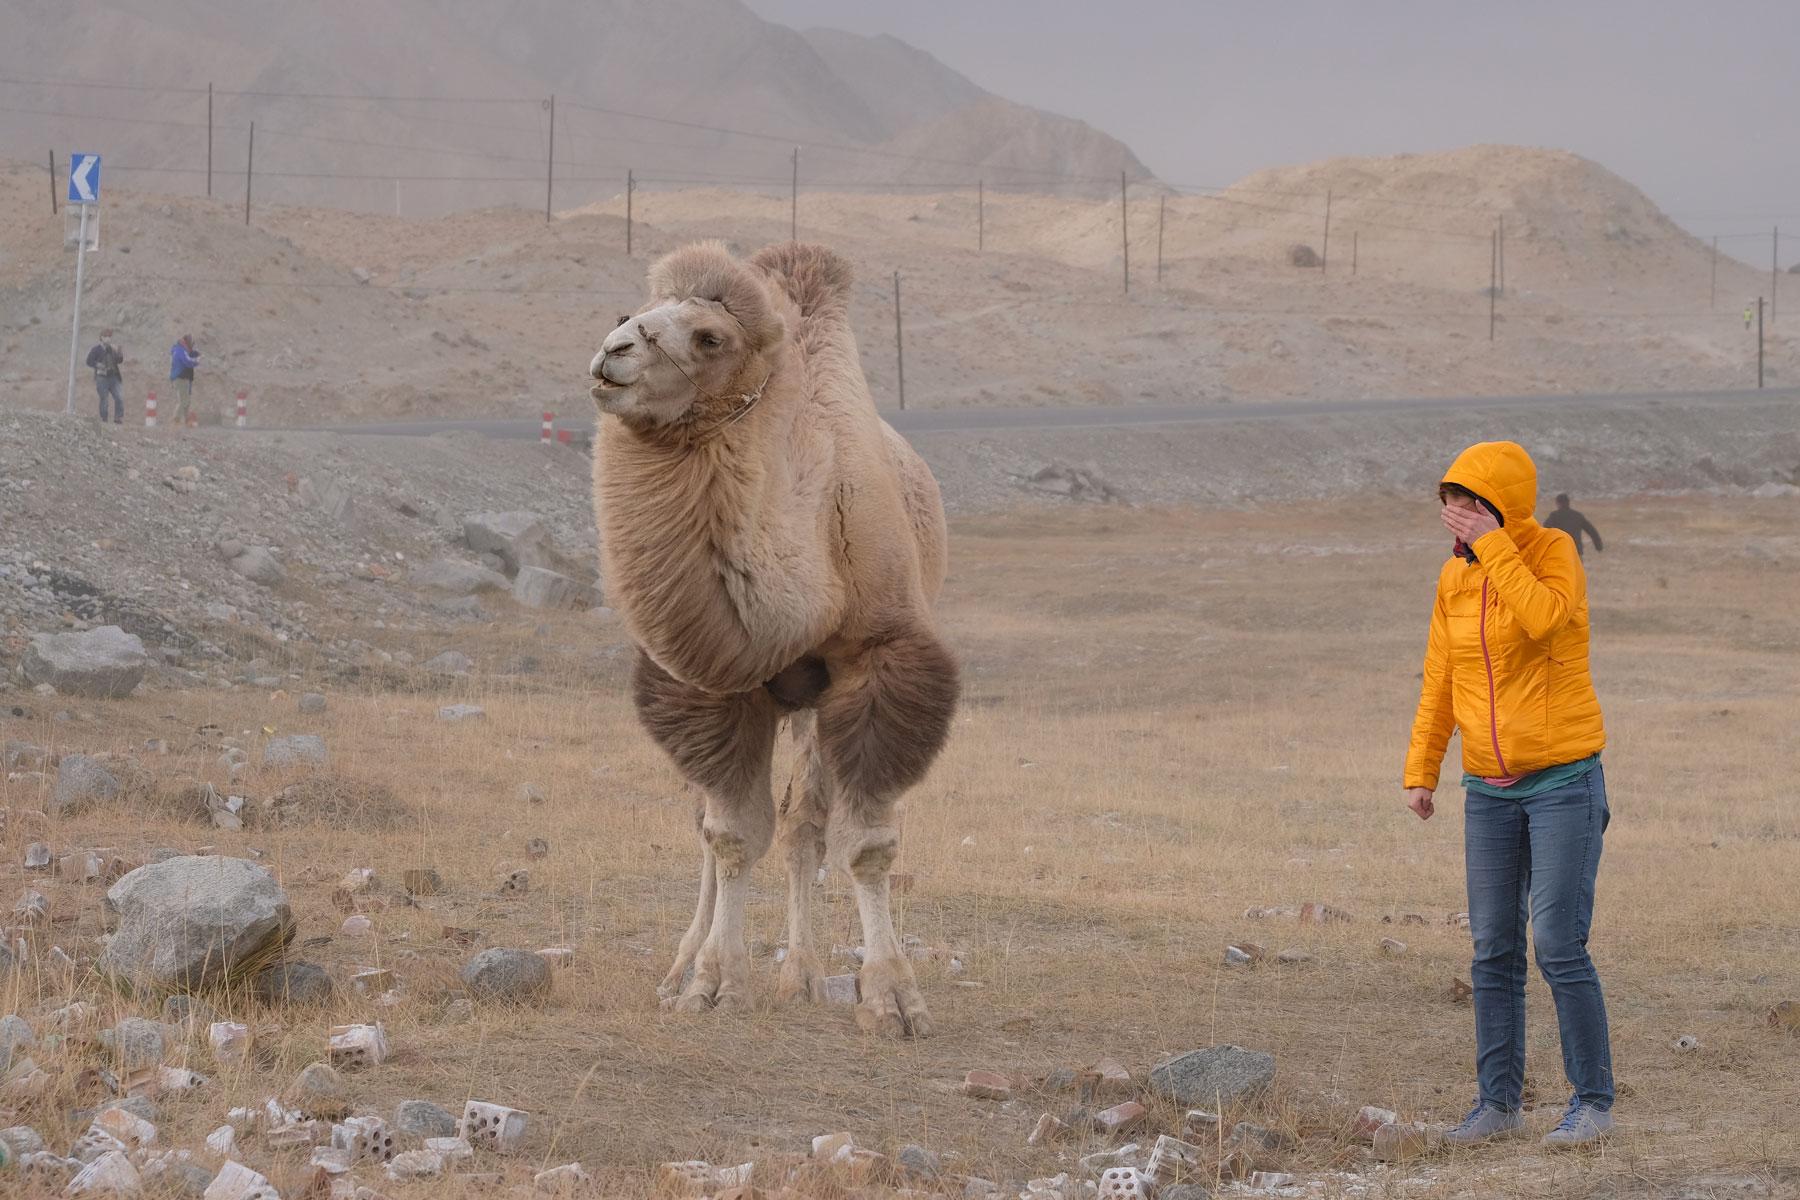 Ich muss mir wegen umherfliegendem Sand die Augen zuhalten, das Kamel ist ungerührt